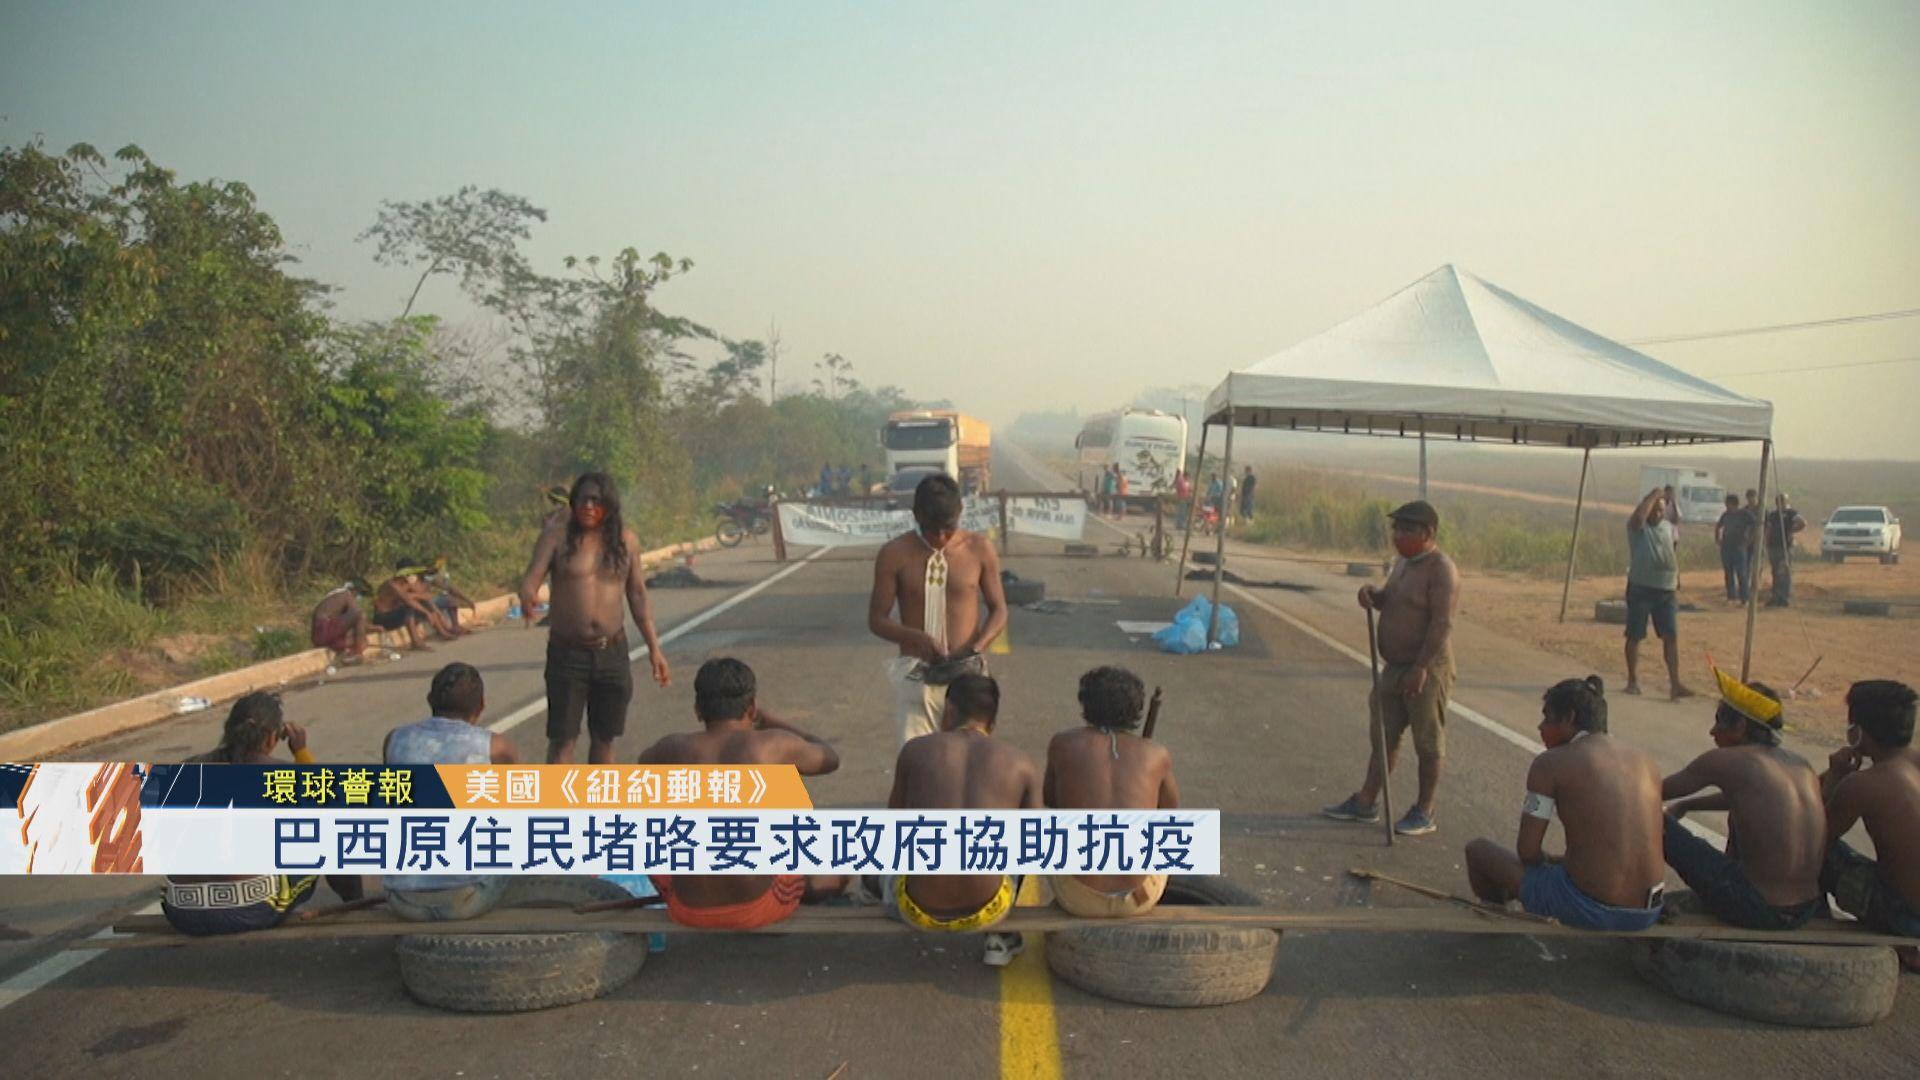 【環球薈報】巴西原住民堵路要求政府協助抗疫